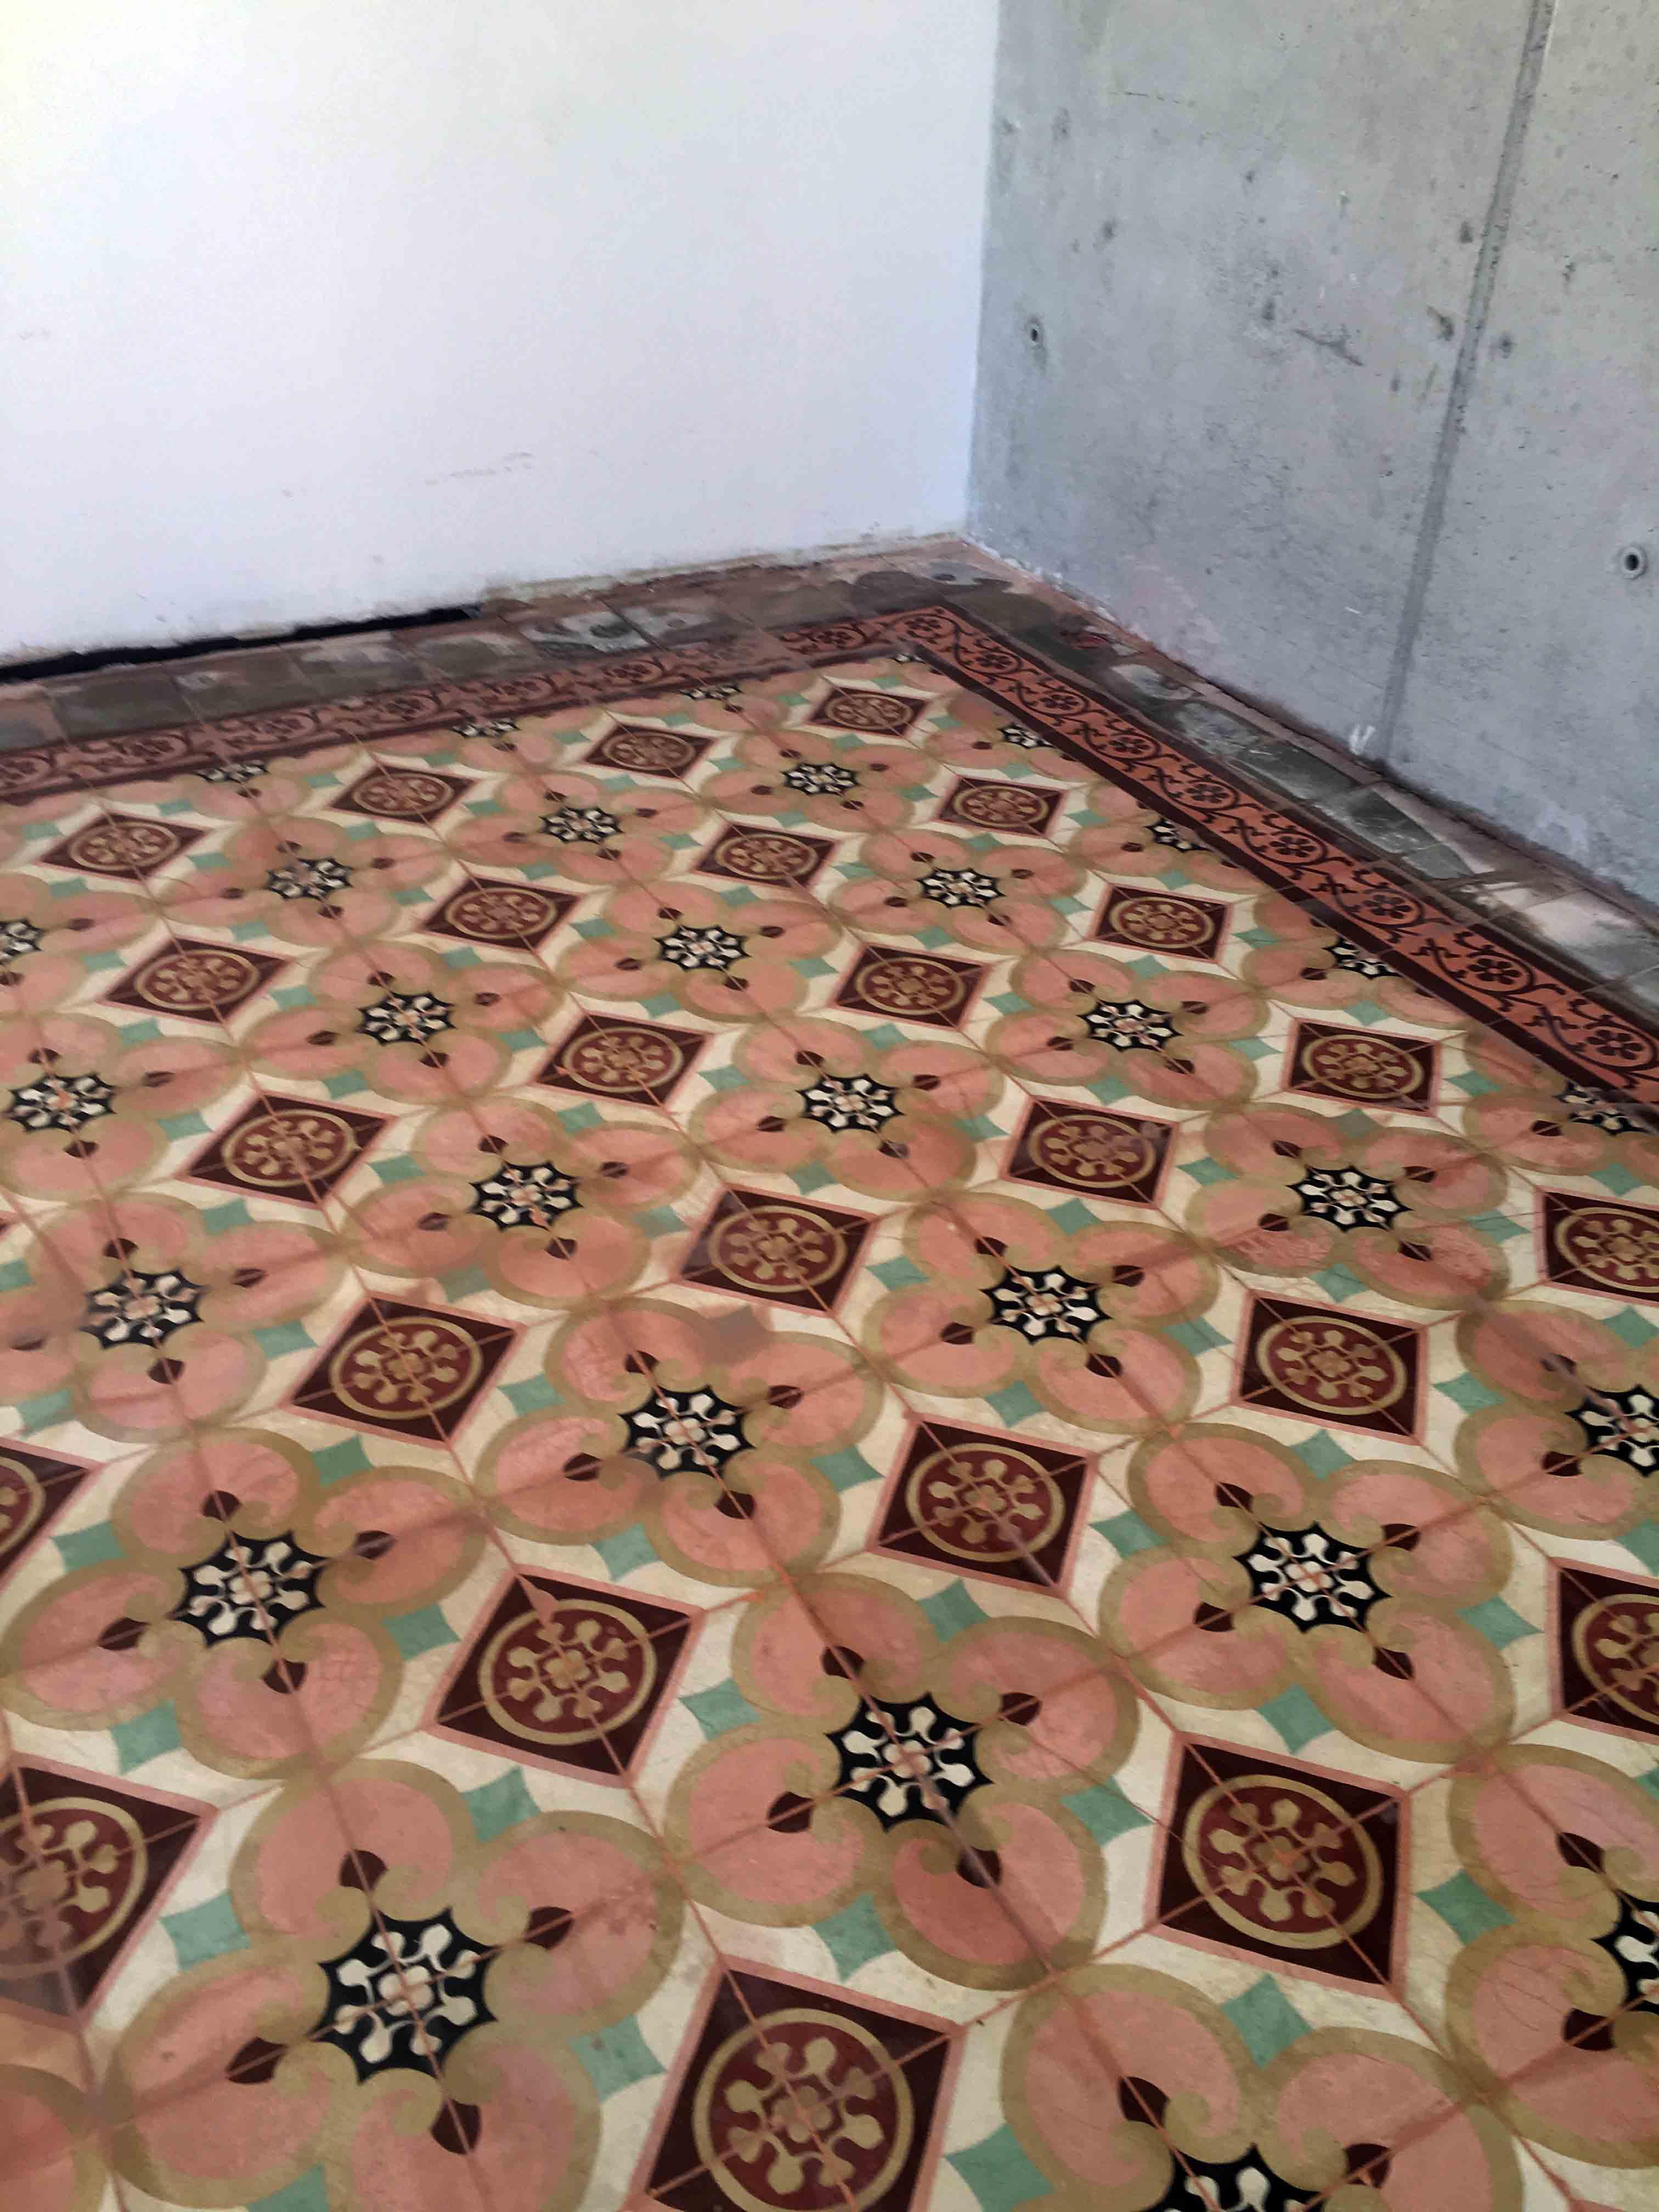 Pulido Y Abrillantado De Suelo De Mosaico Hidr Ulicos En Vivienda  ~ Como Limpiar Suelo Hidraulico Antiguo